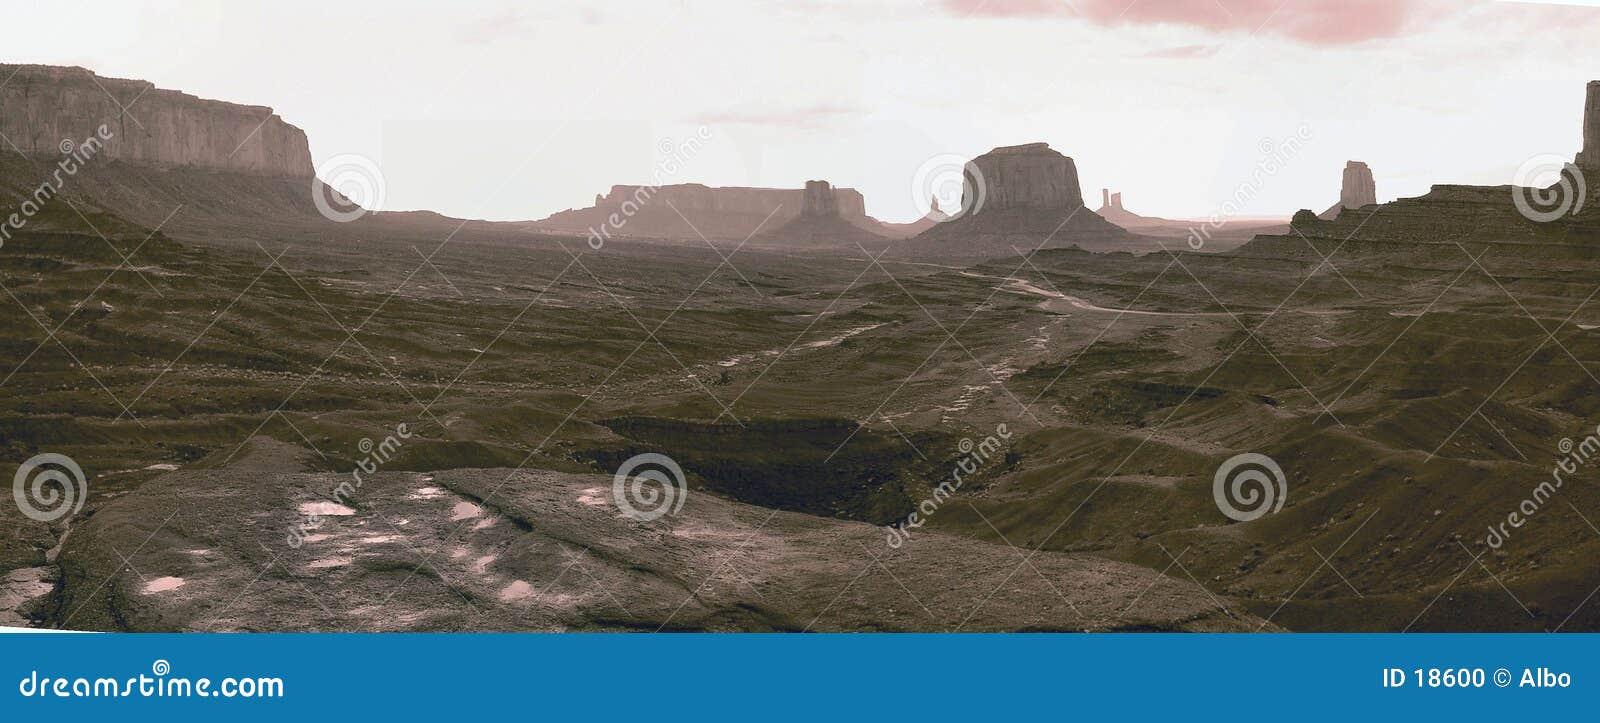 纪念碑pano谷